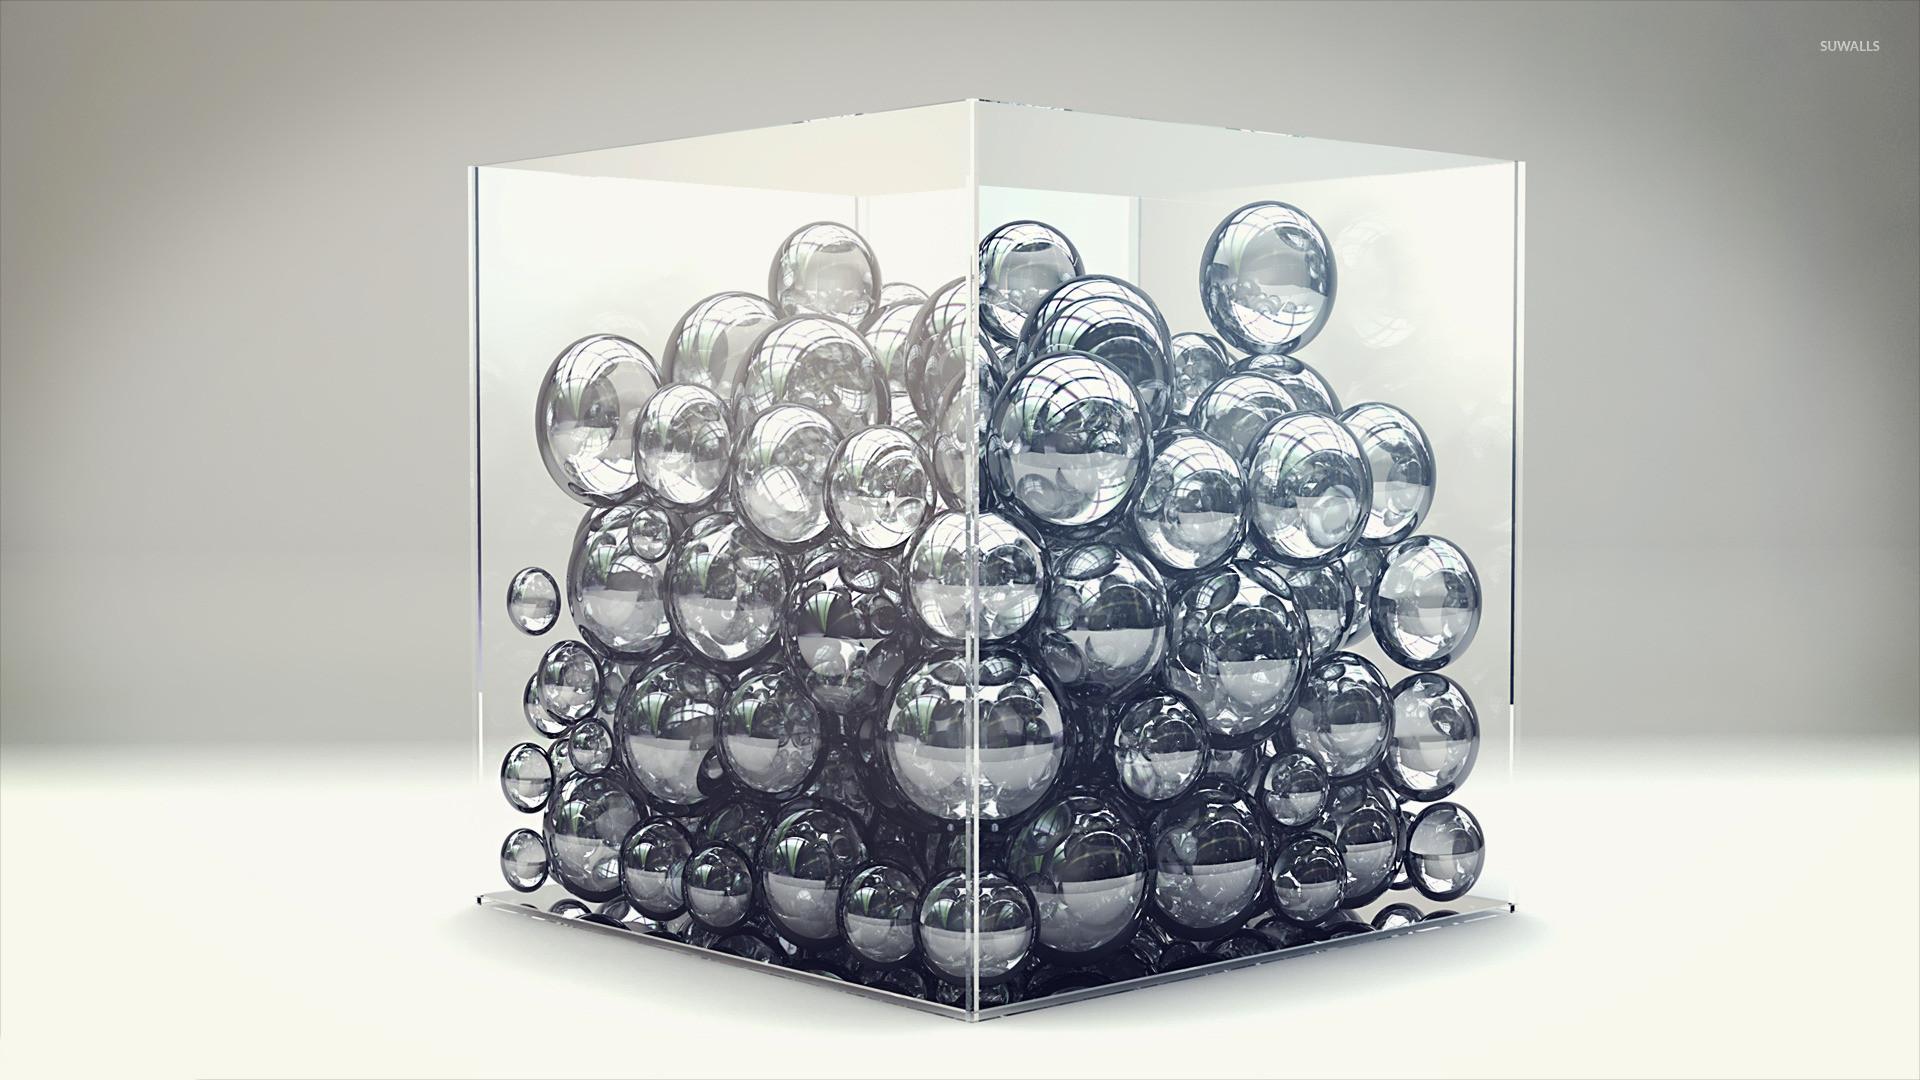 Bubbles in a cube wallpaper jpg